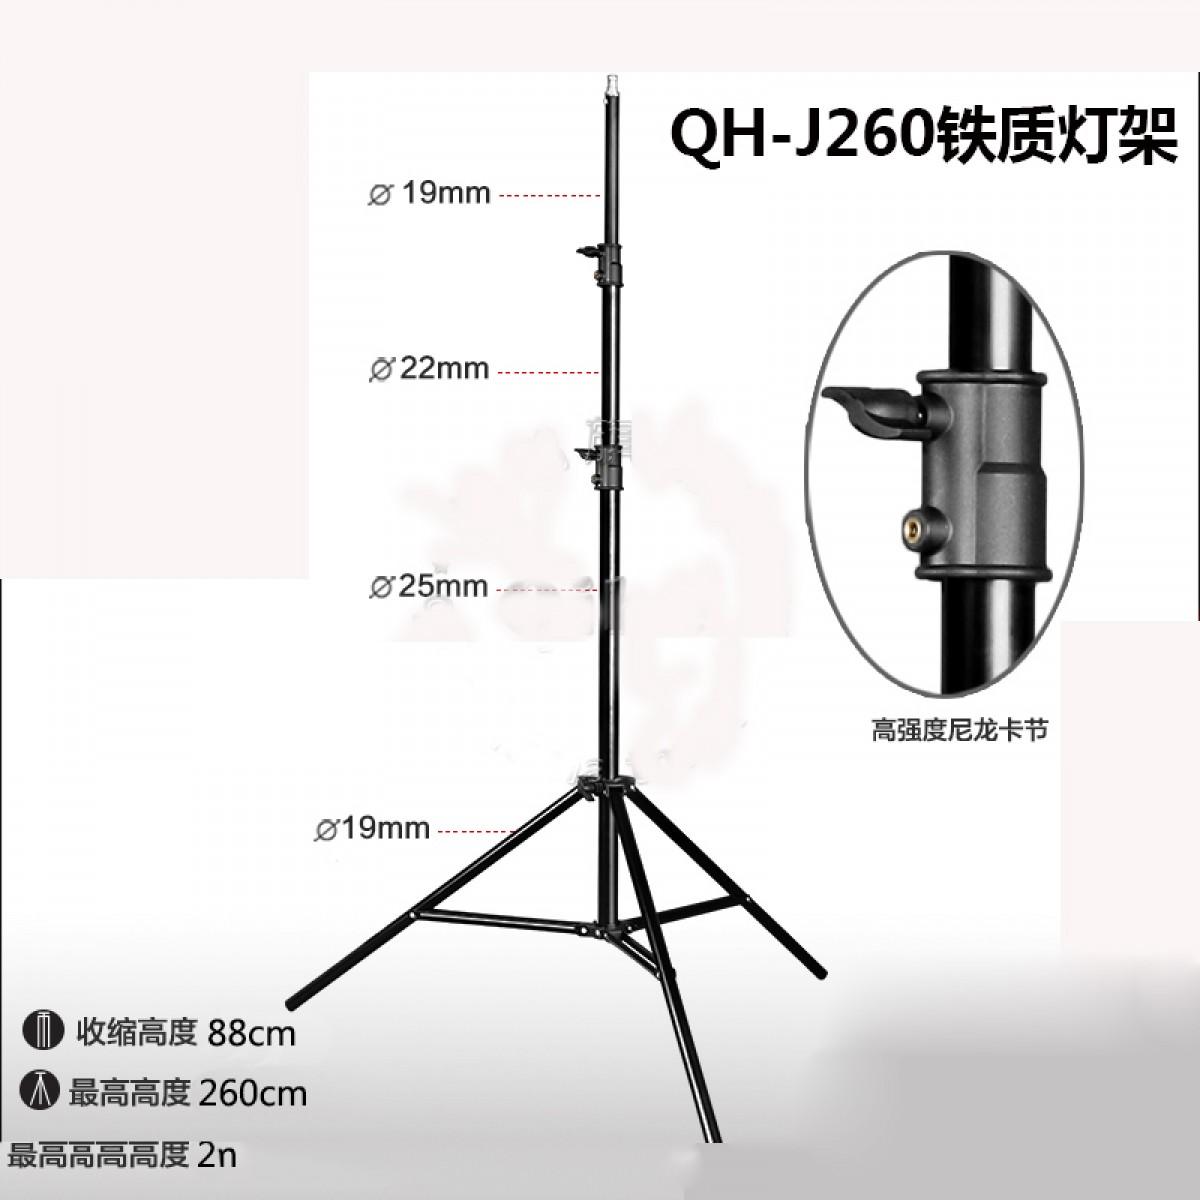 Qihe起鹤牌QH-J260影视灯架 铁管